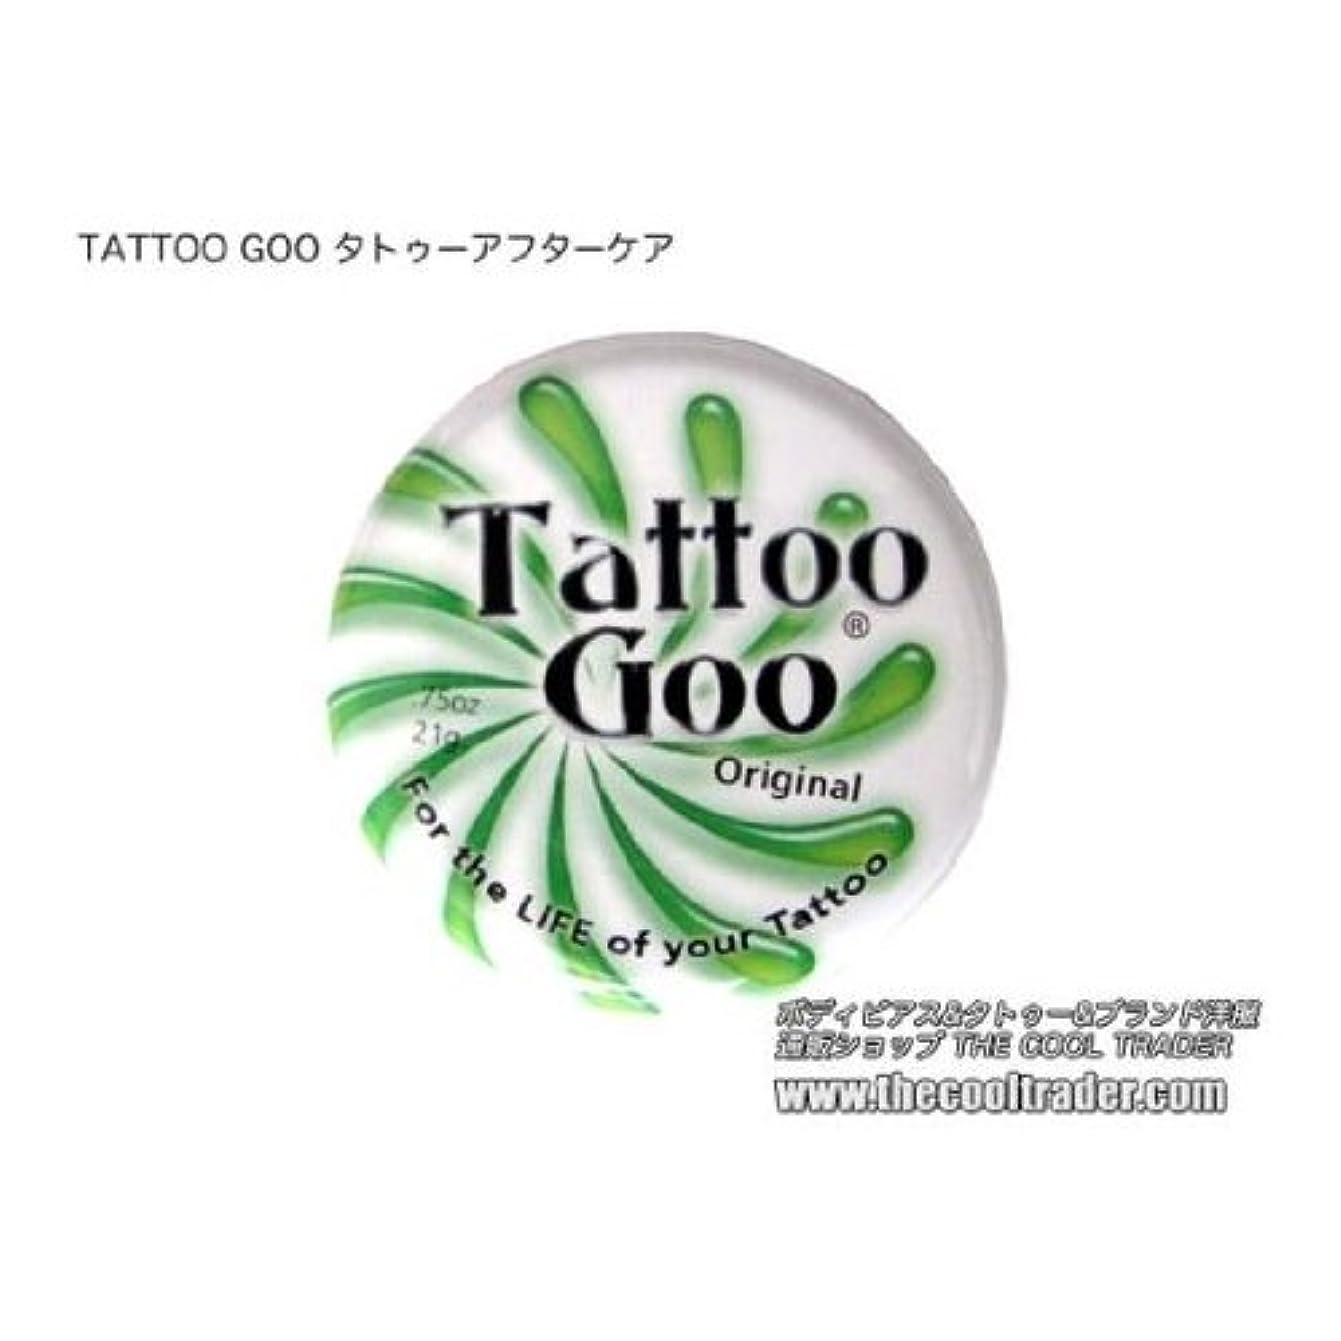 幸運な気付く経済TATTOO GOO タトゥー&ボディピアス専用アフターケア 軟膏クリーム オリジナル